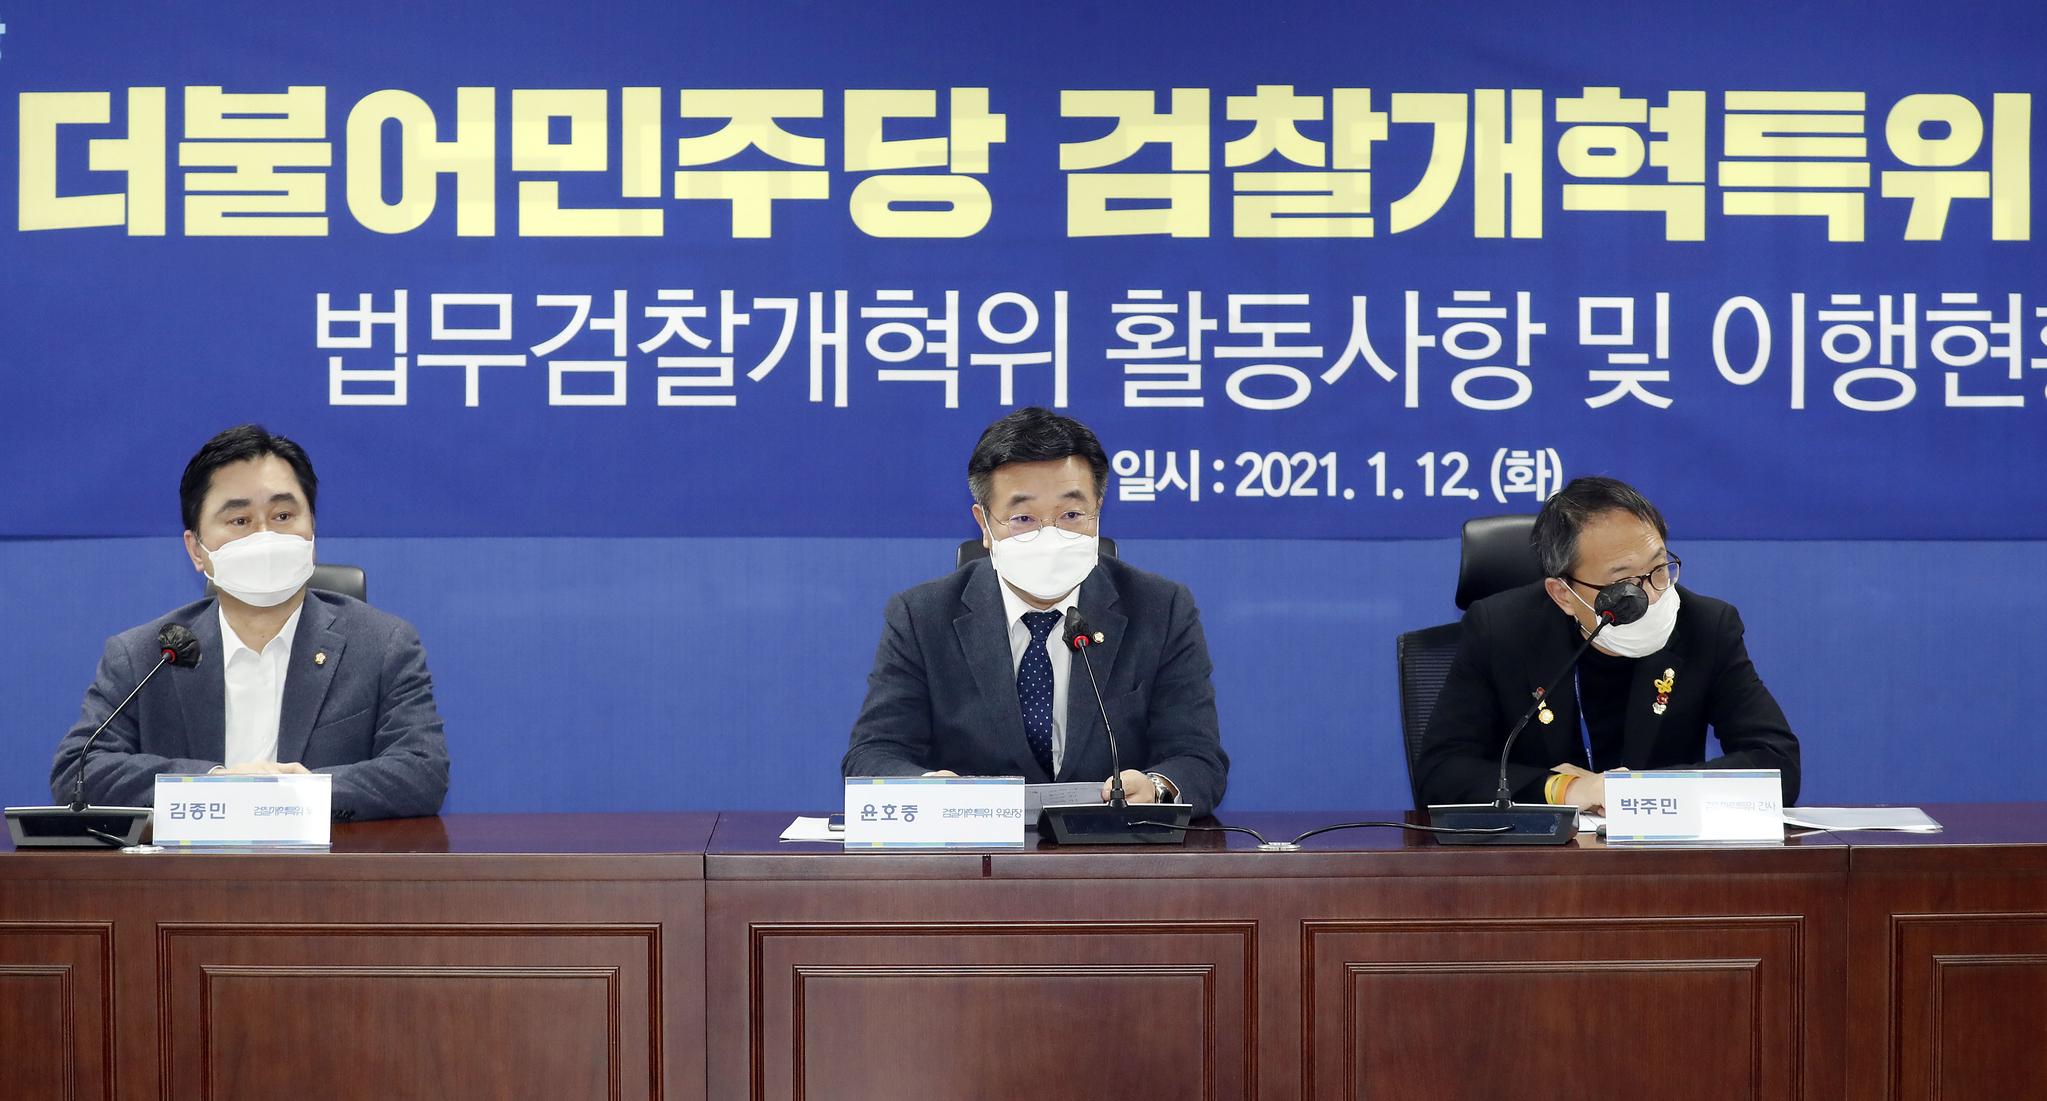 더불어민주당 검찰개혁특위. 오종택 기자